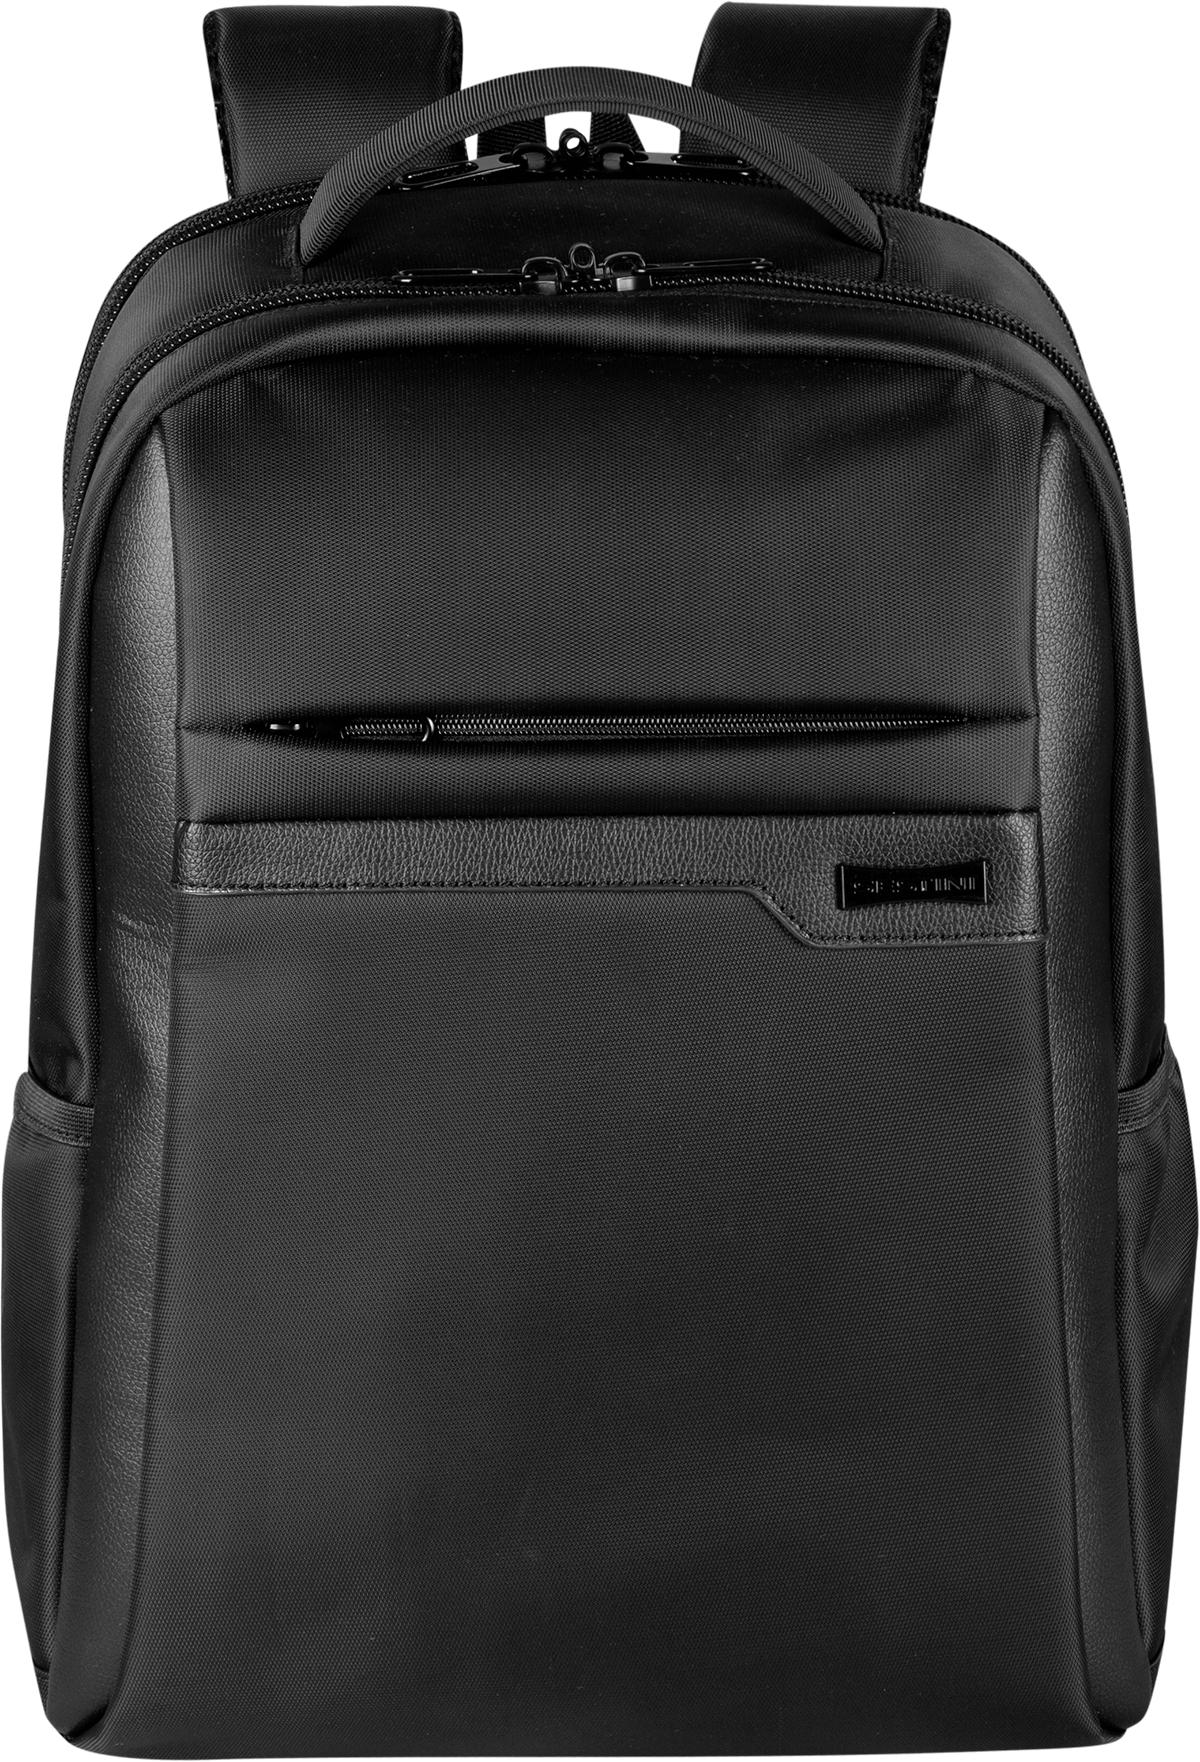 Mochila Grande 2 Compartimentos Laptop Sestini Prime Preto